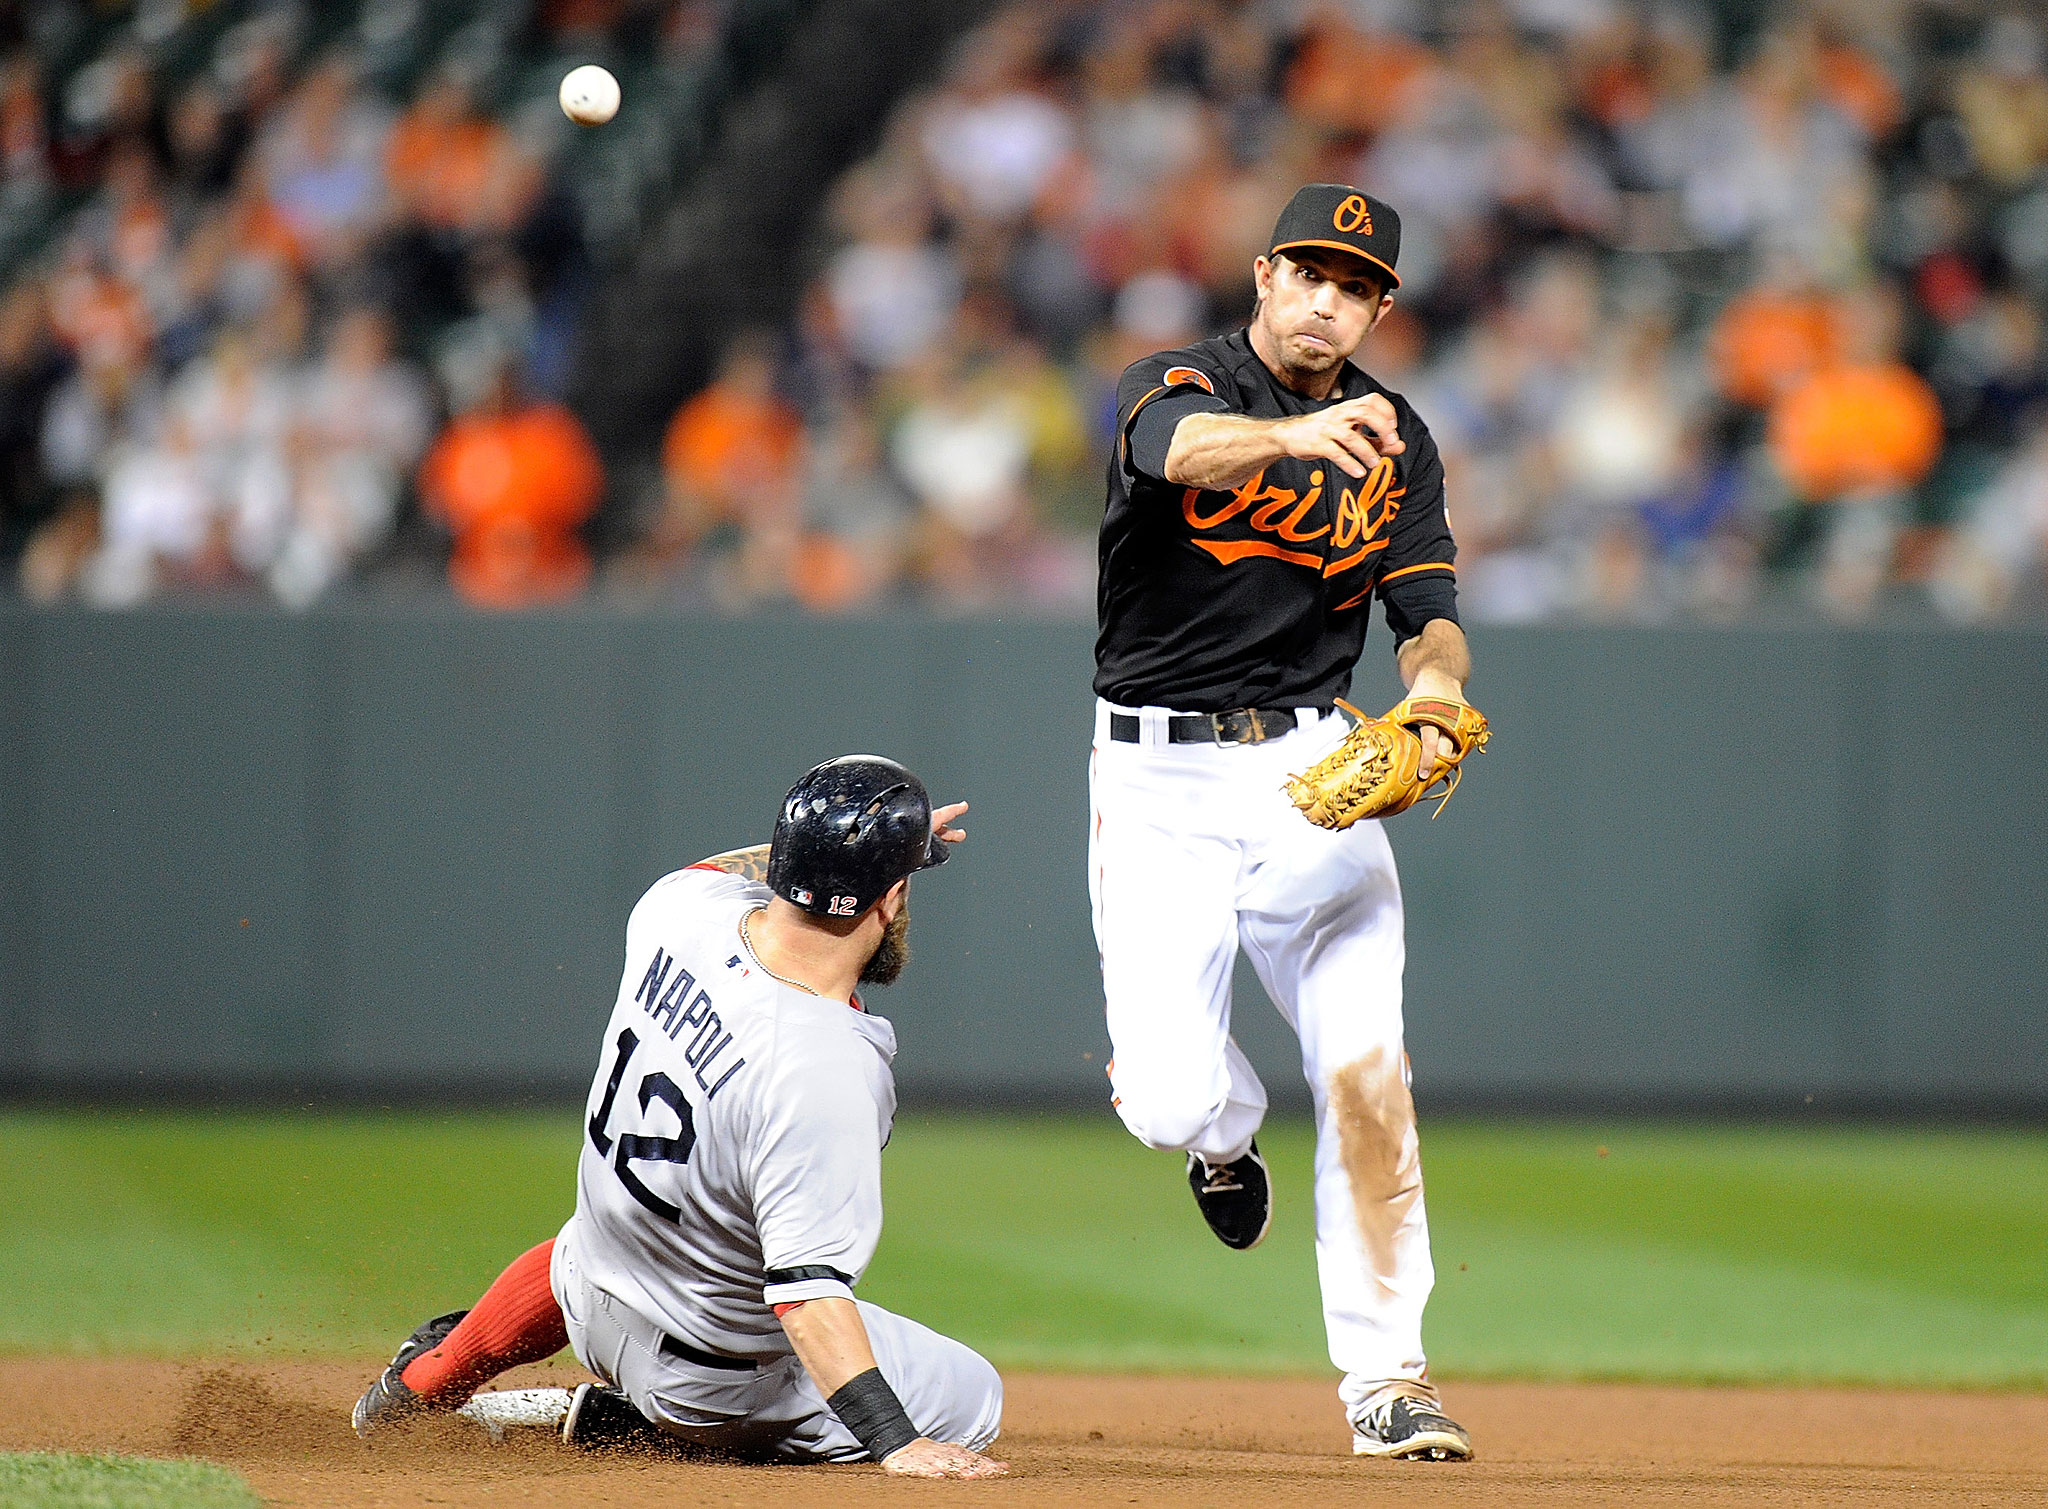 Shortstop: J.J. Hardy